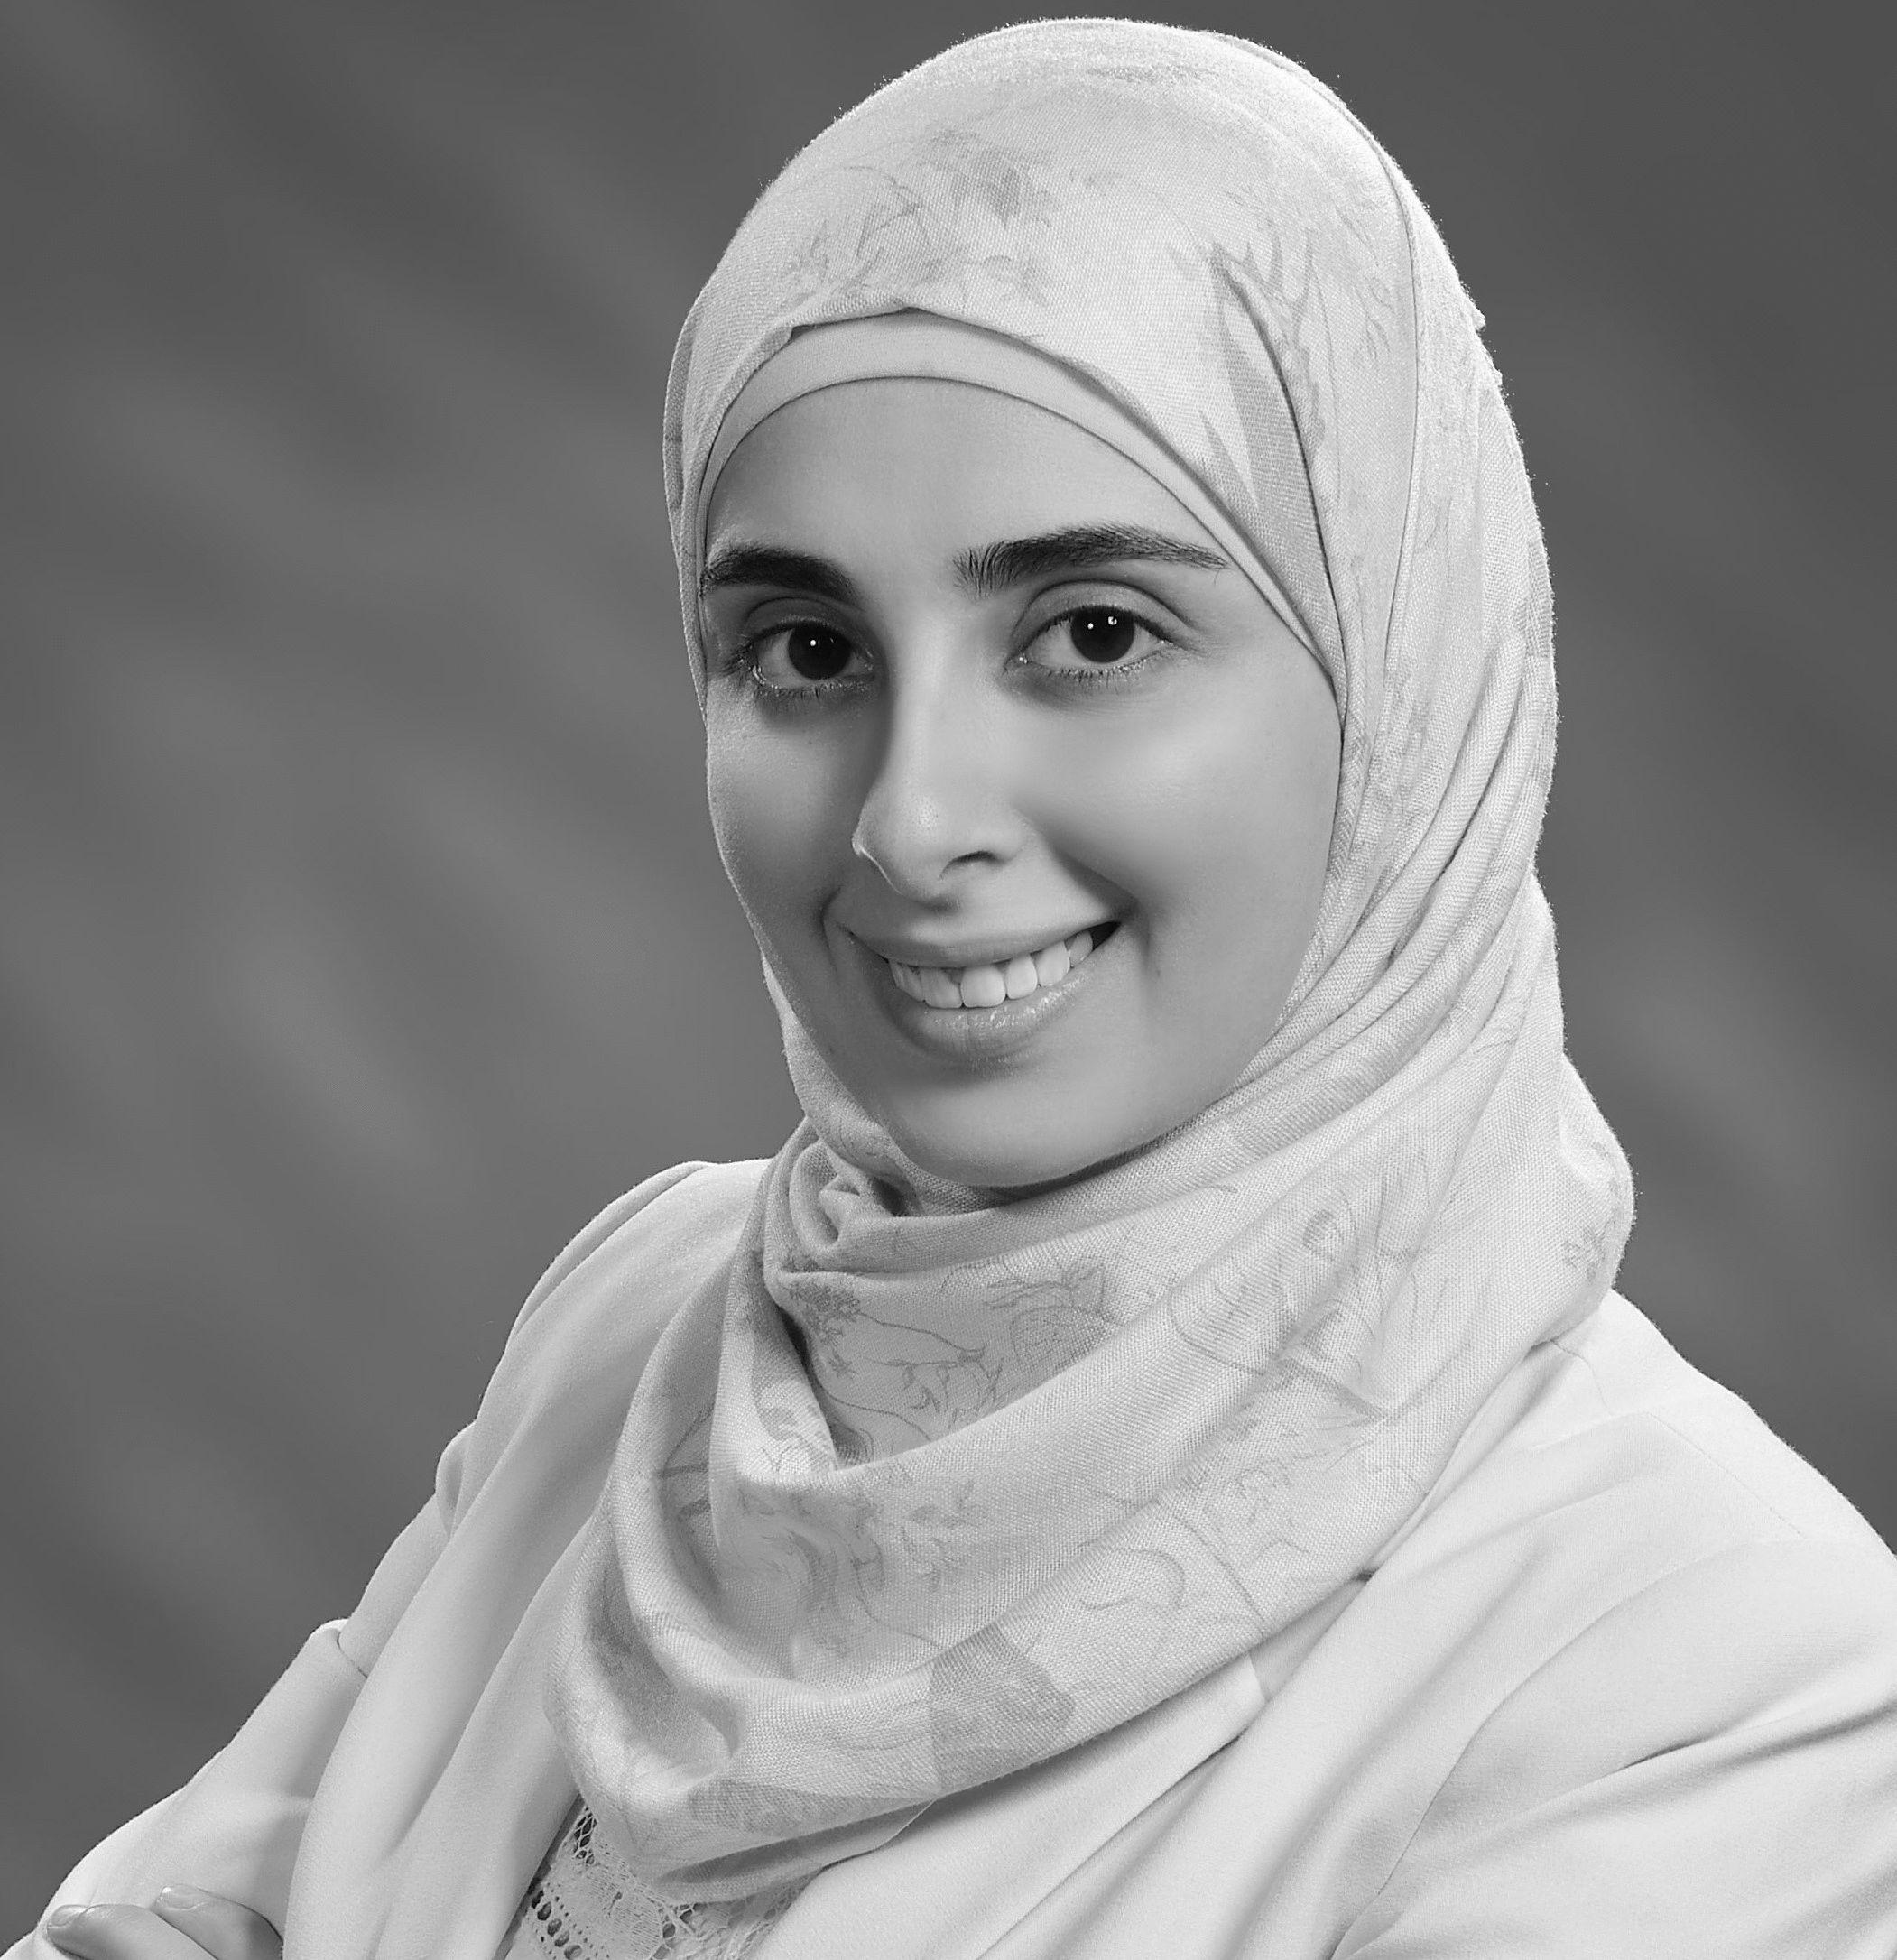 شيماء الصلح Headshot